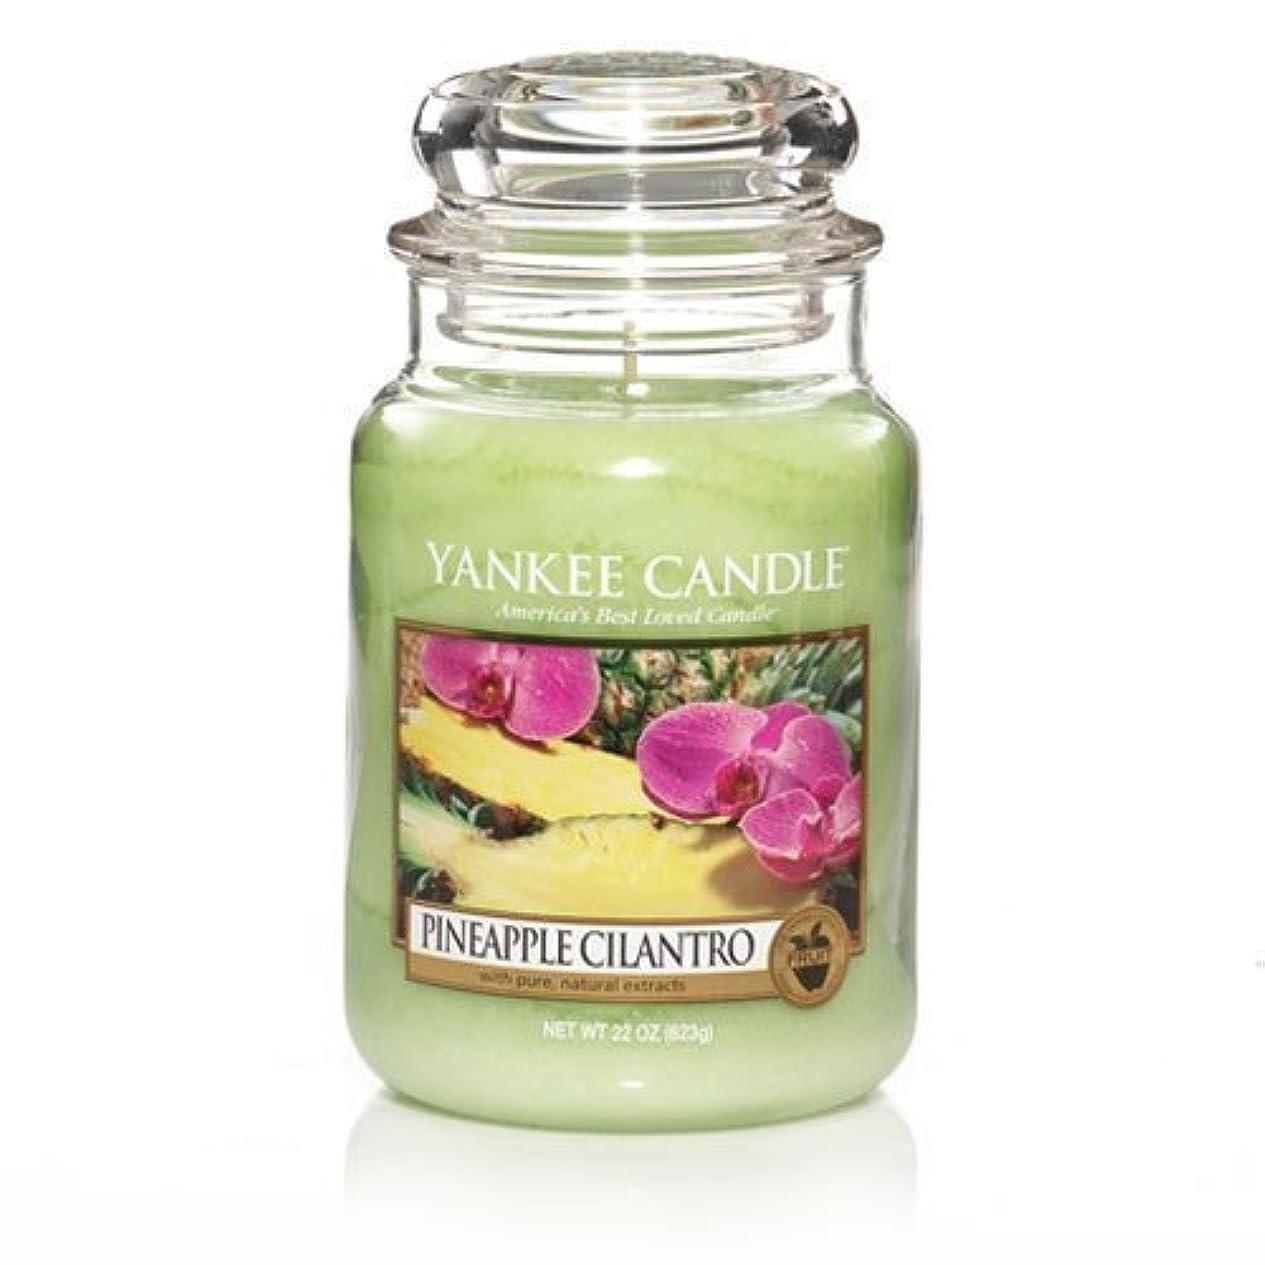 レガシー高さヘルシーYankee Candle Pineapple Cilantro Large Jar 22oz Candle by Amazon source [並行輸入品]